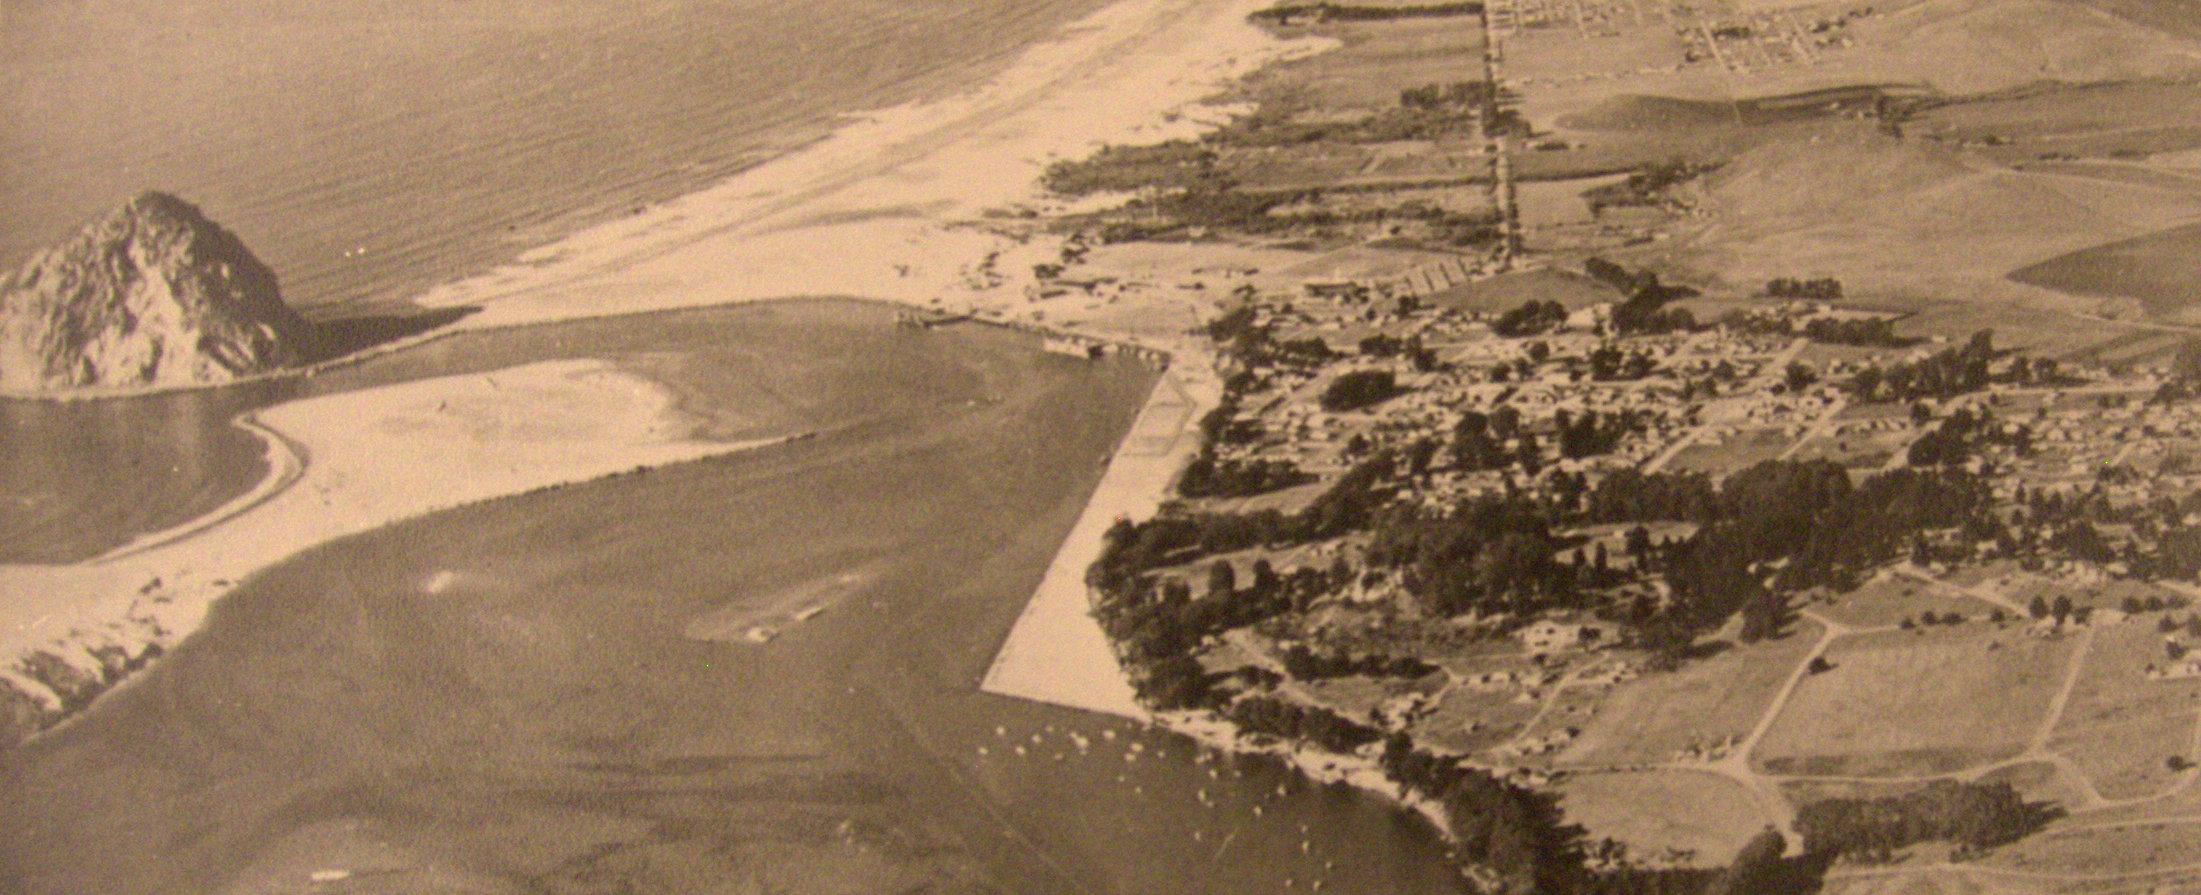 New MB Harbor c.1943